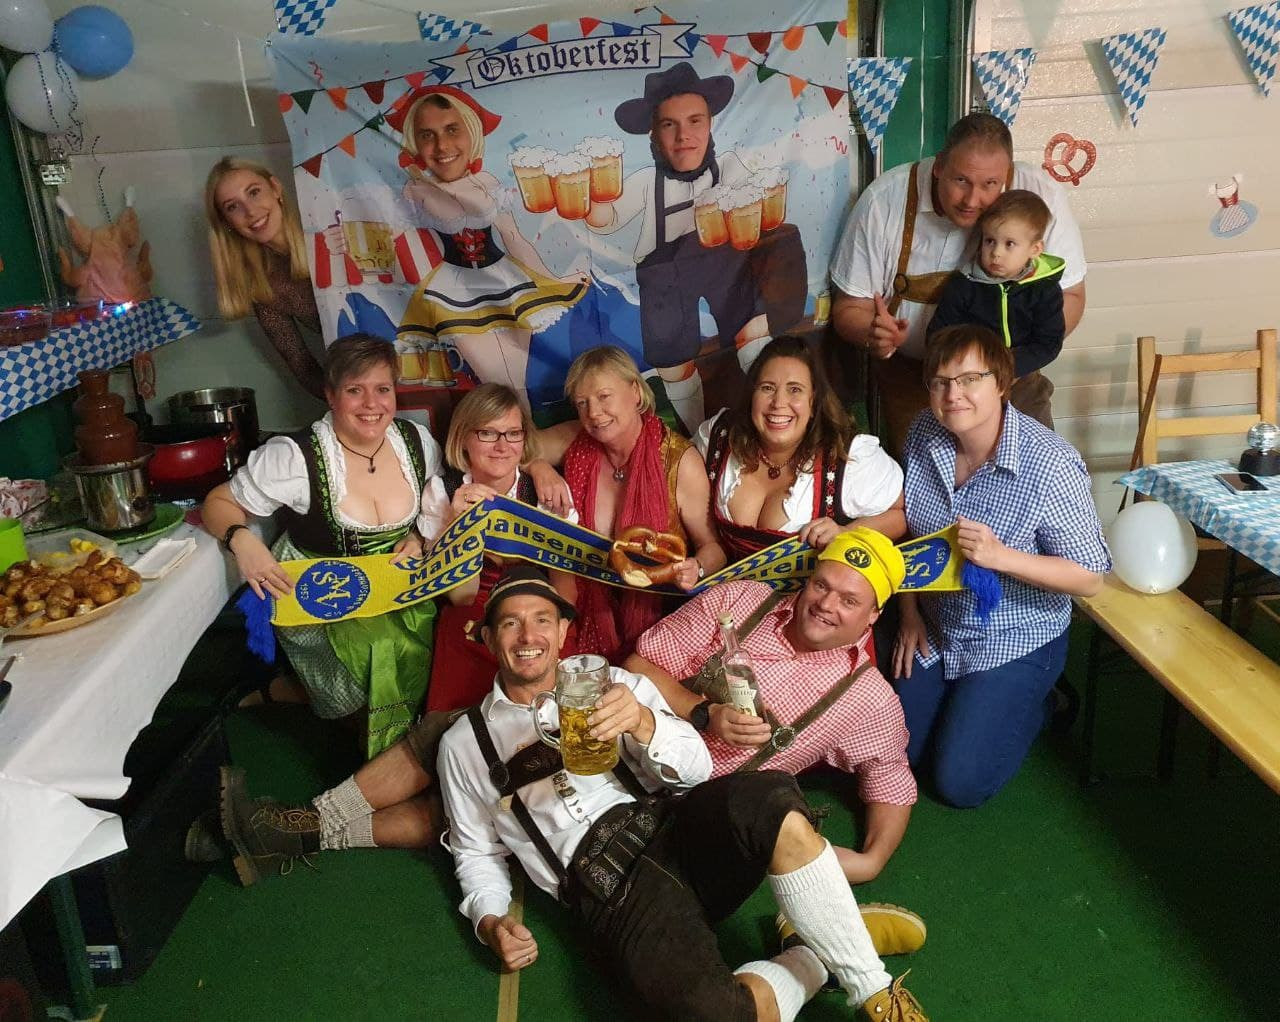 Oktoberfest_2021_Malle_bei_Rosenheim